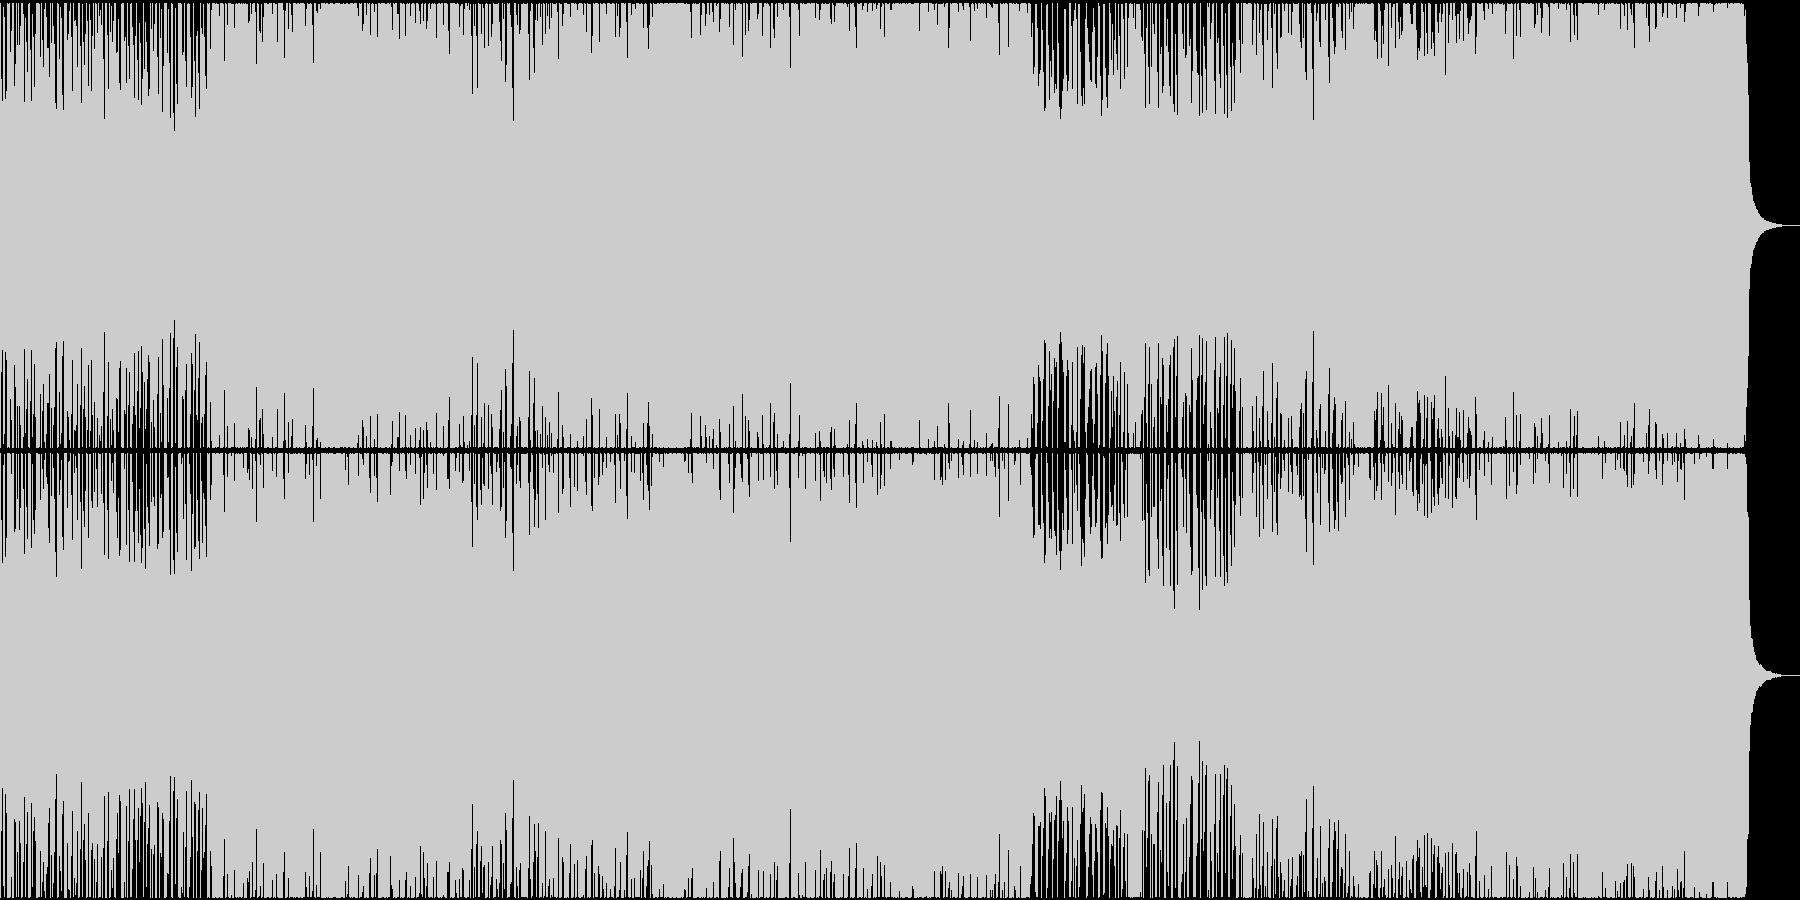 疾走感あるデジタルロックの未再生の波形